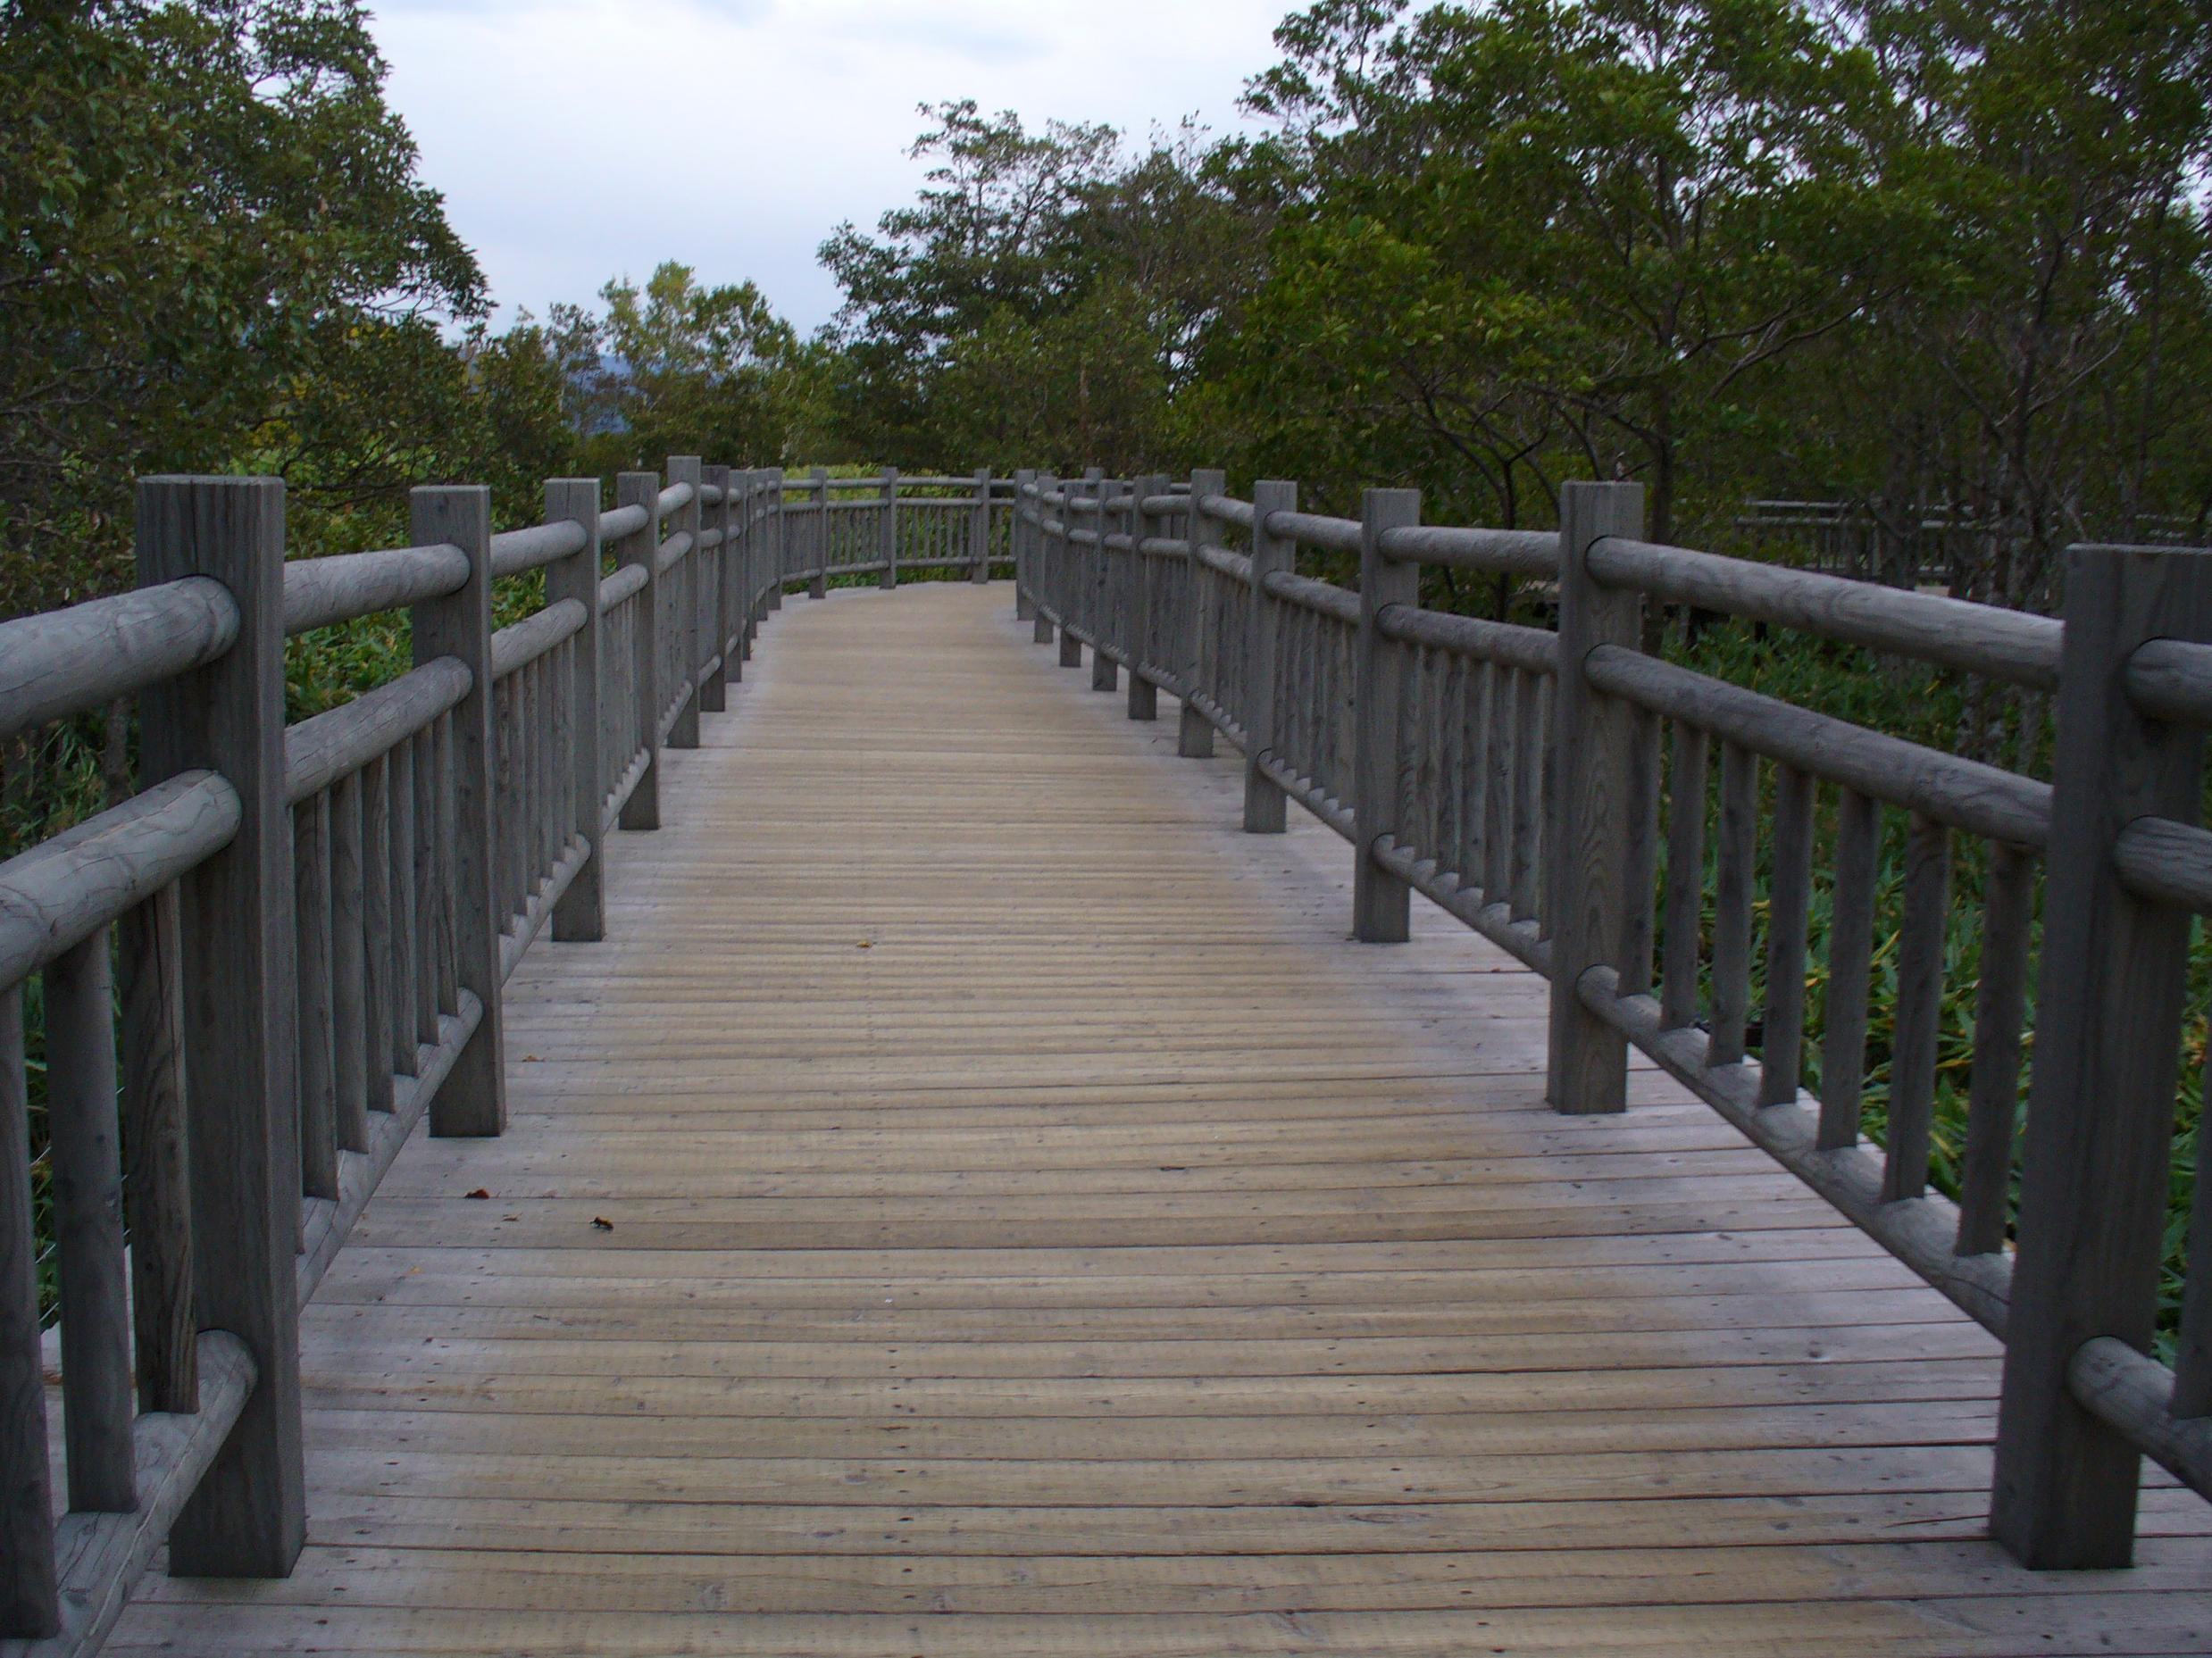 高架木道。